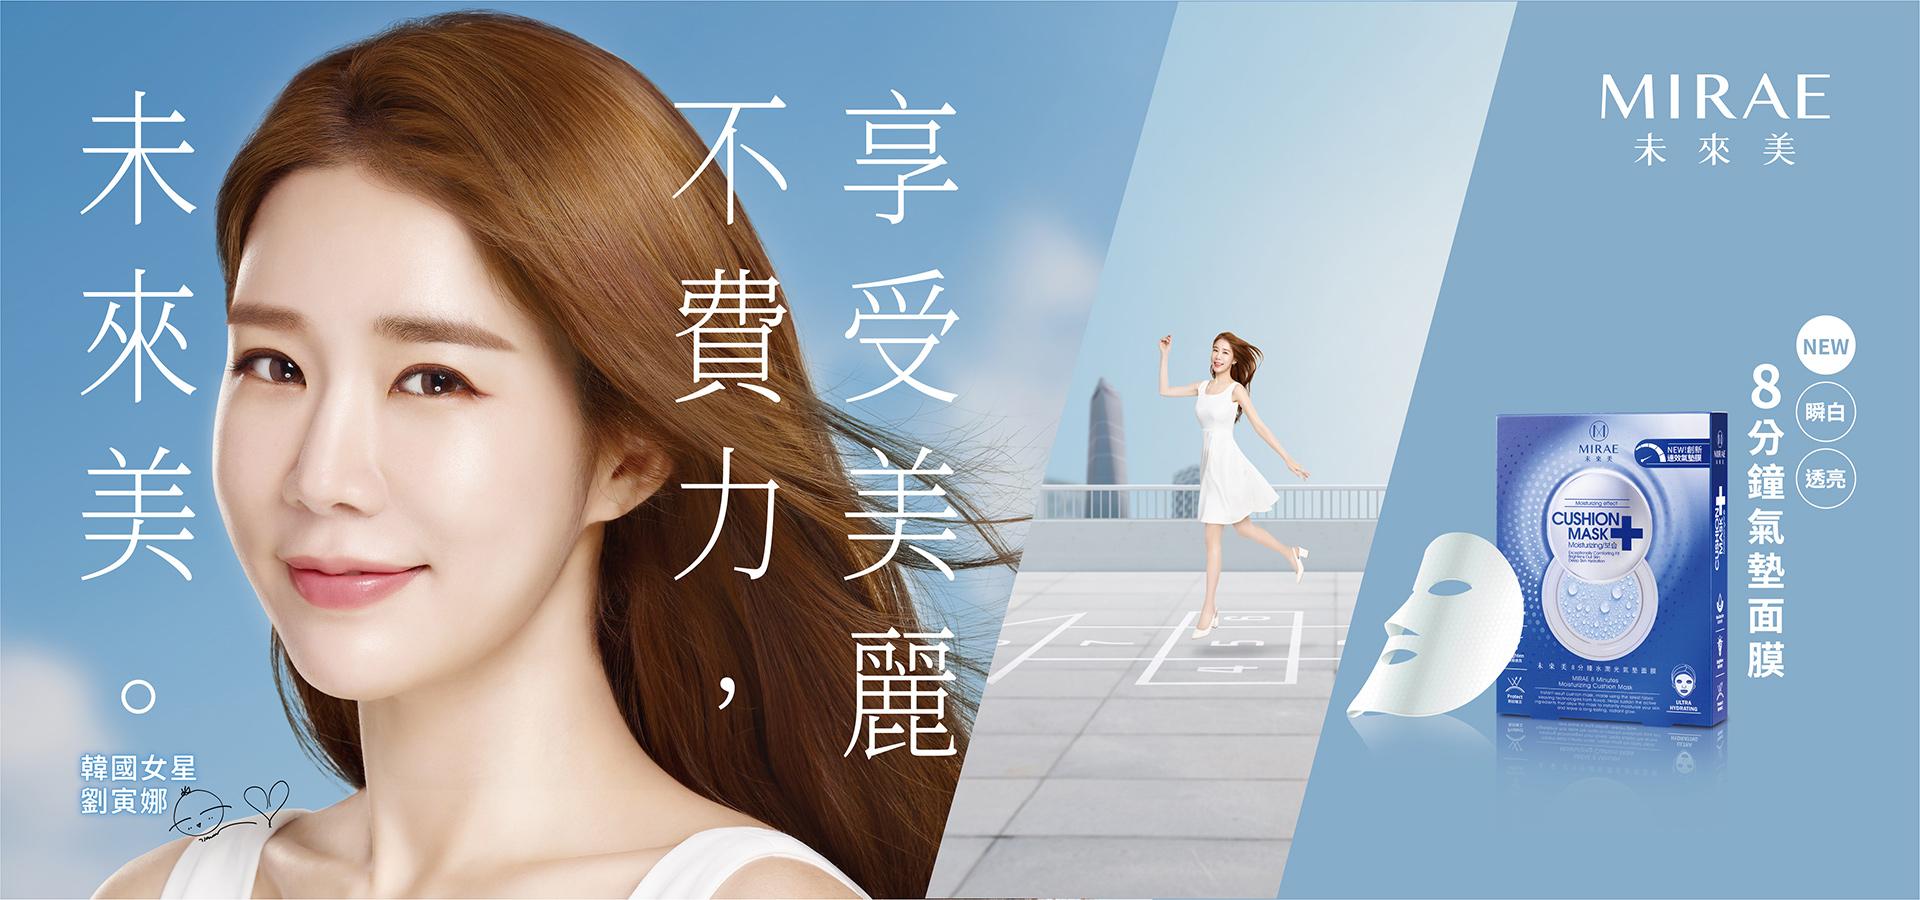 劉寅娜出任未來美2019年品牌代言人